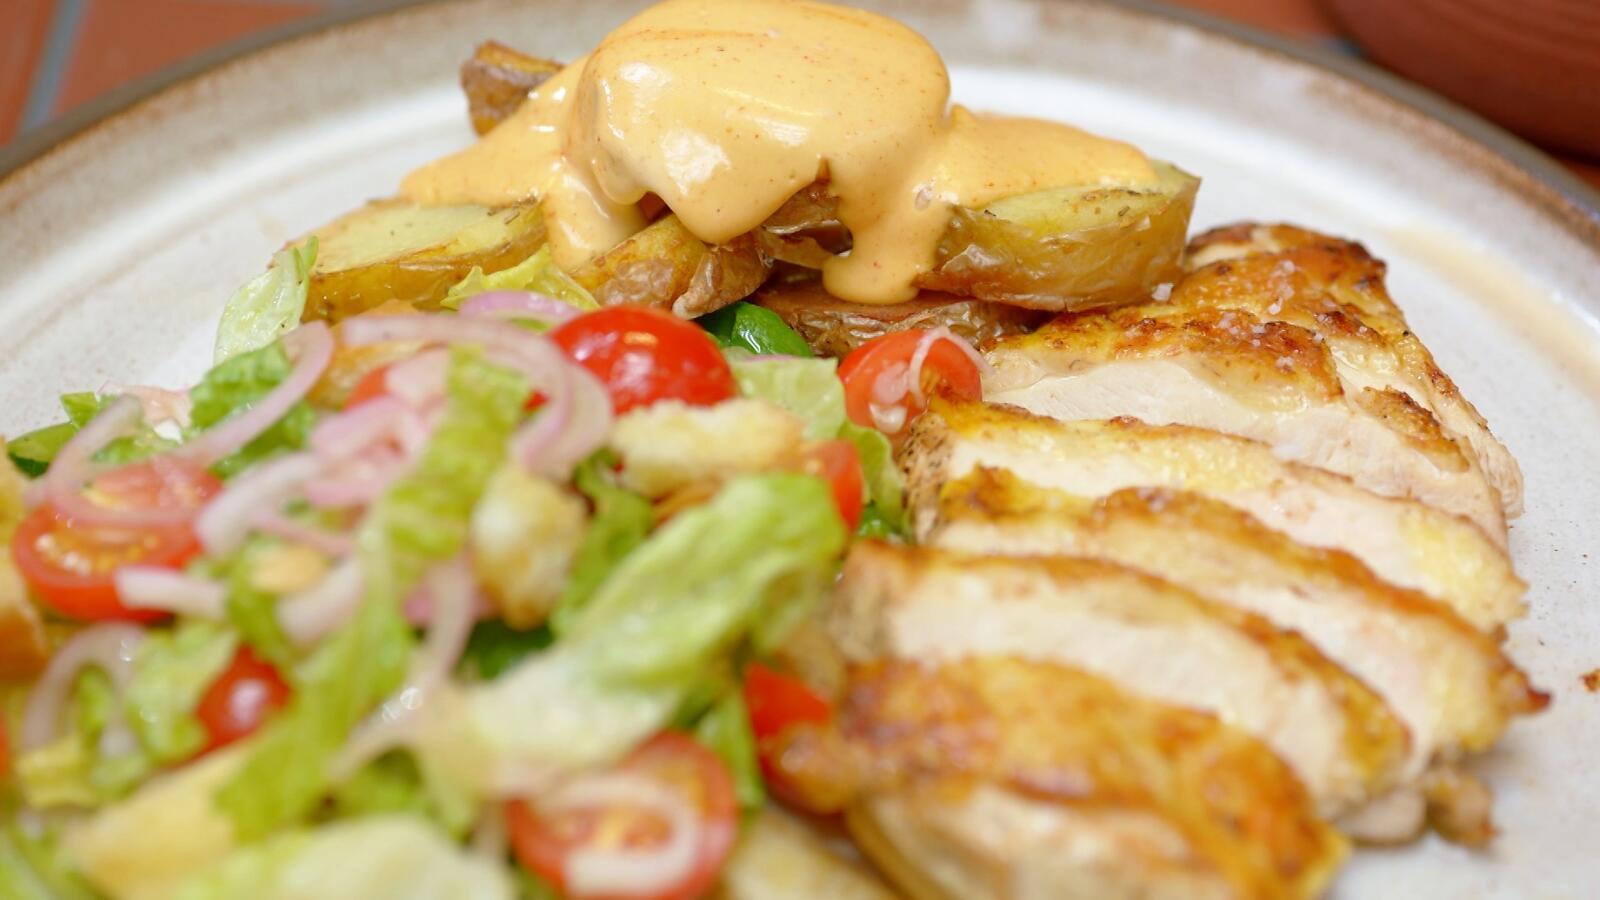 Hoevekip, salade met kerstomaatjes en gebakken aardappel met aioli